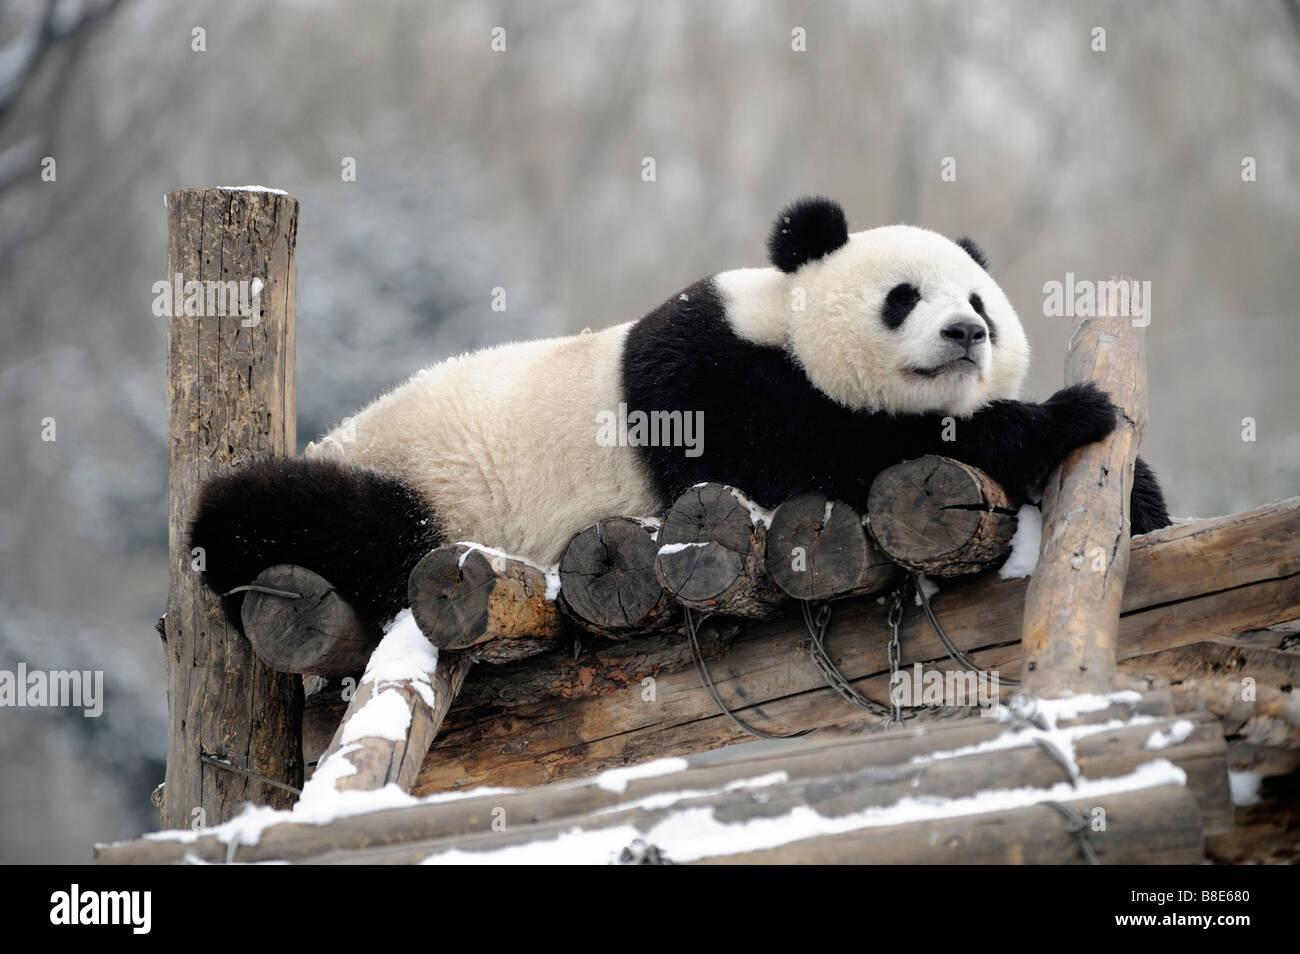 Un panda géant au Zoo de Pékin. 19-Feb-2009 Photo Stock